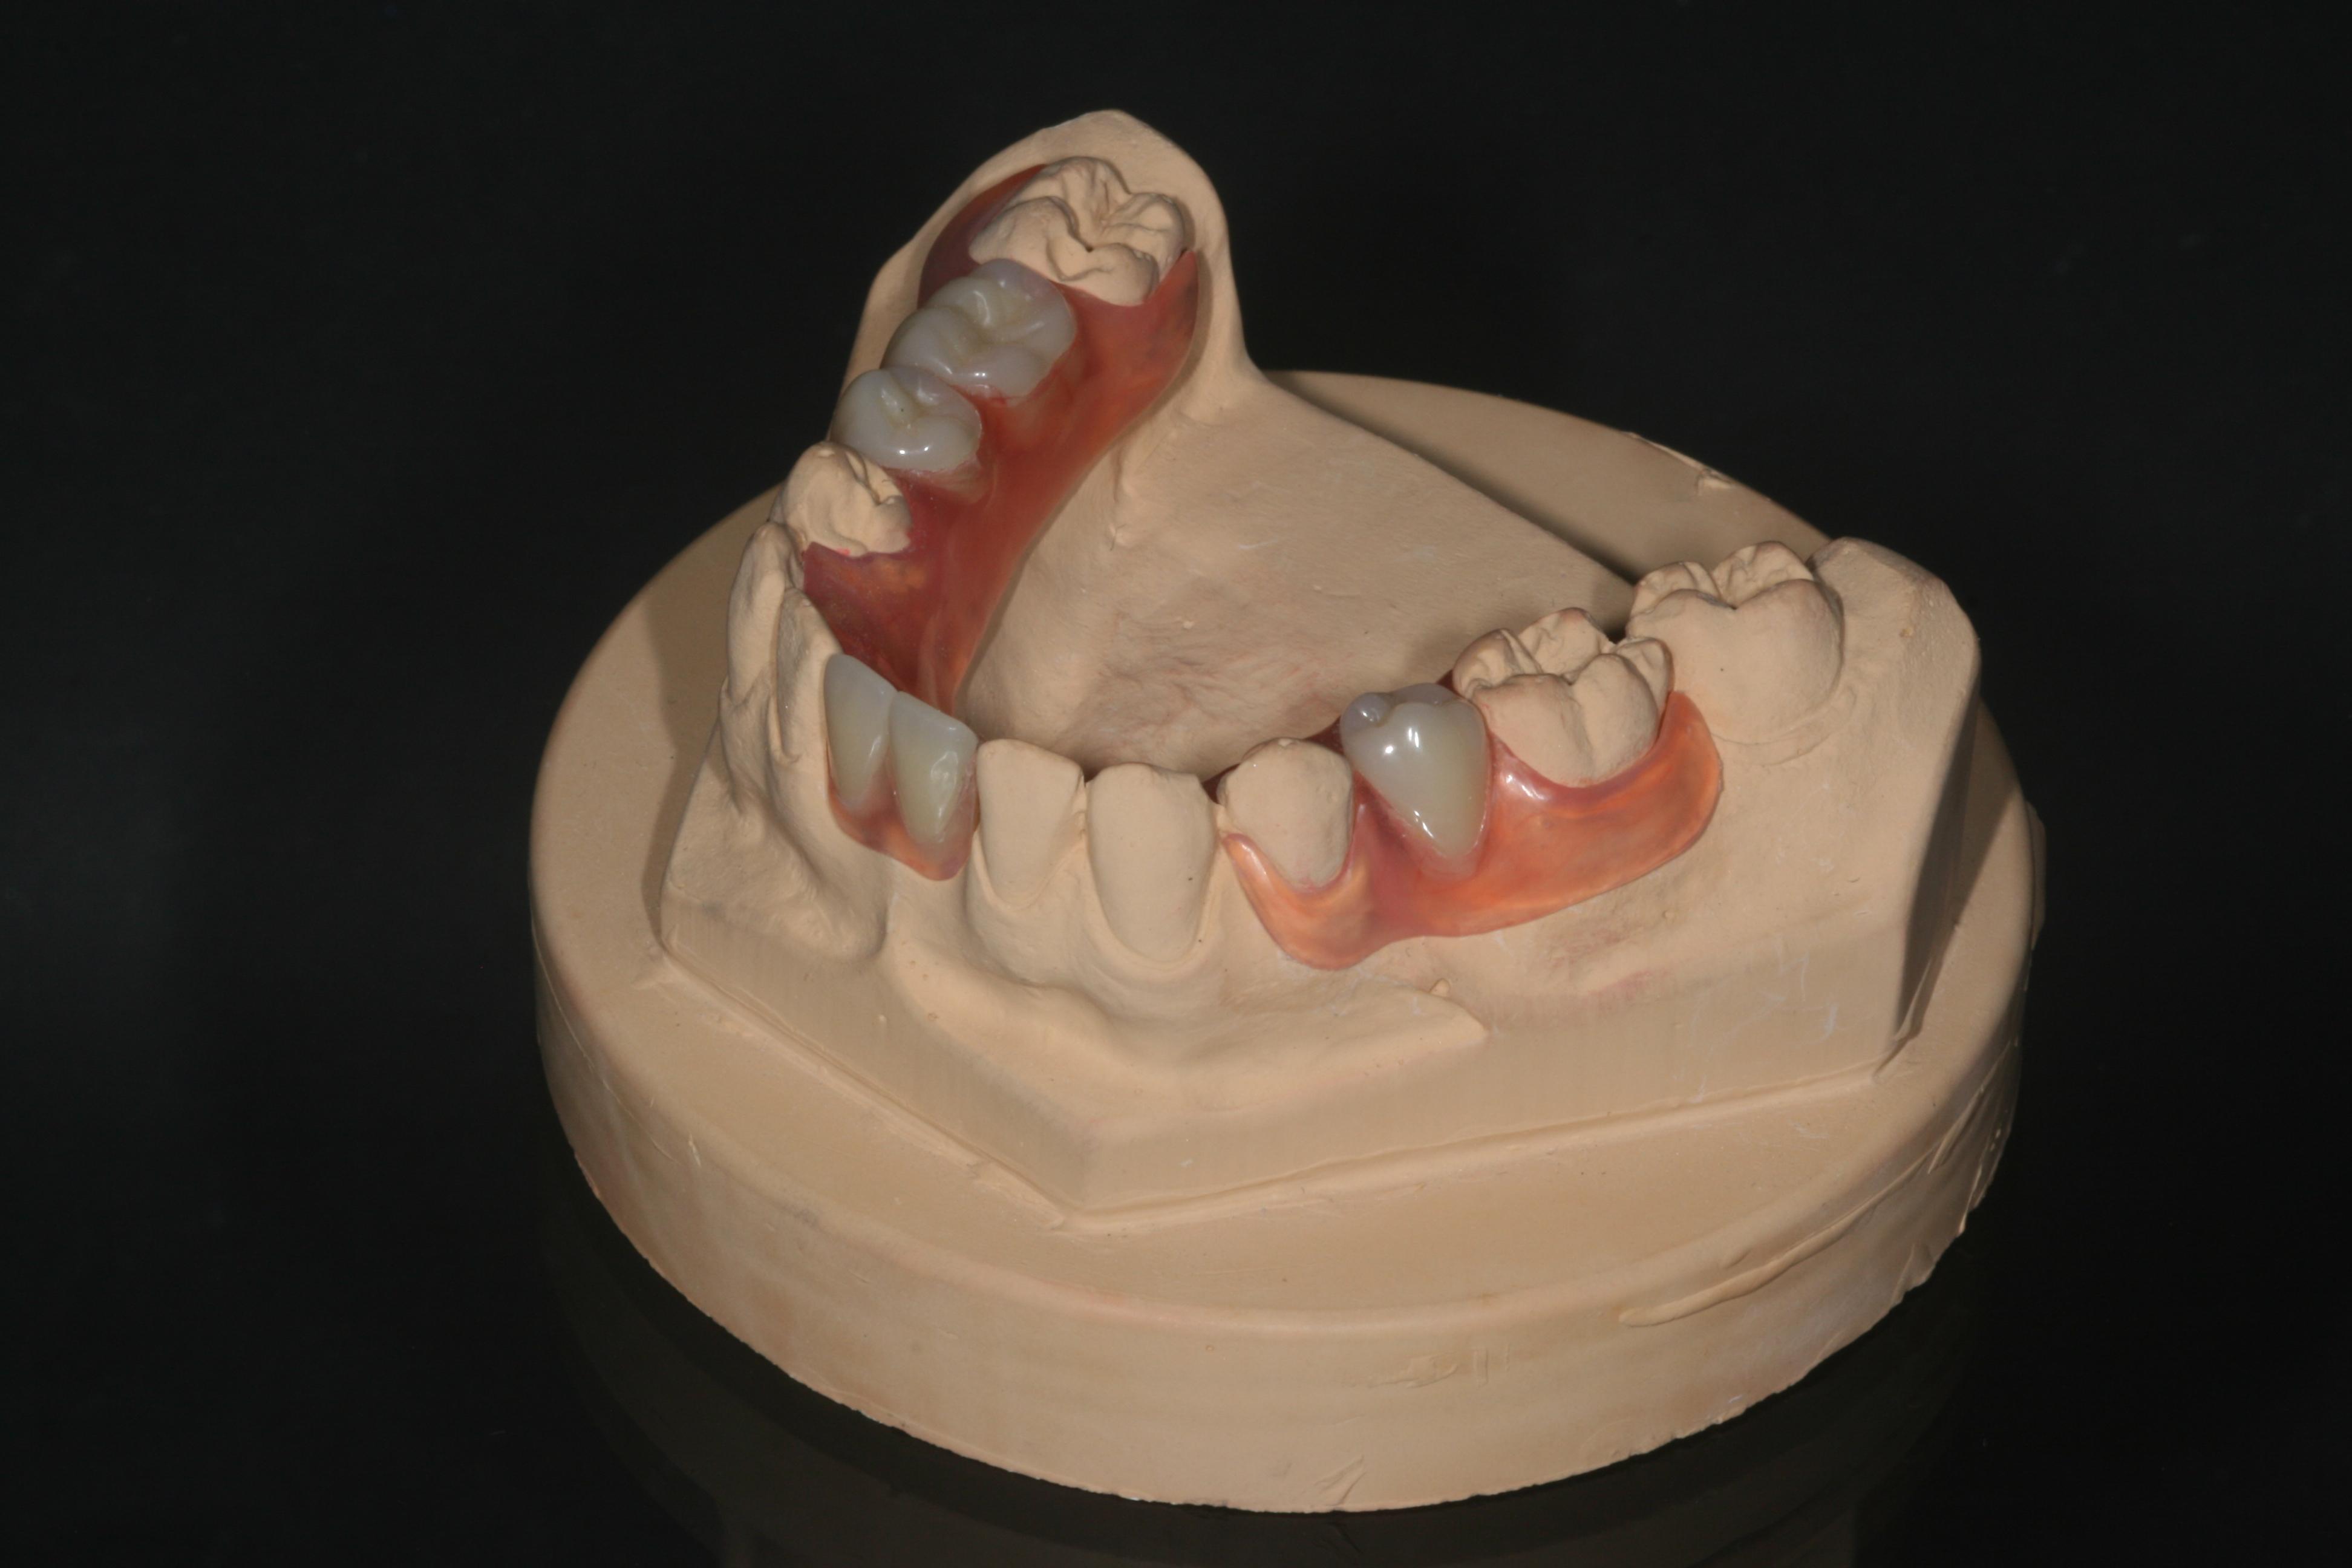 Valplast Prothese Abrechnung : herausnehmbarer ze totalprothesen teilprothesen thumfart 39 s zahntechnik gmbh ~ Themetempest.com Abrechnung